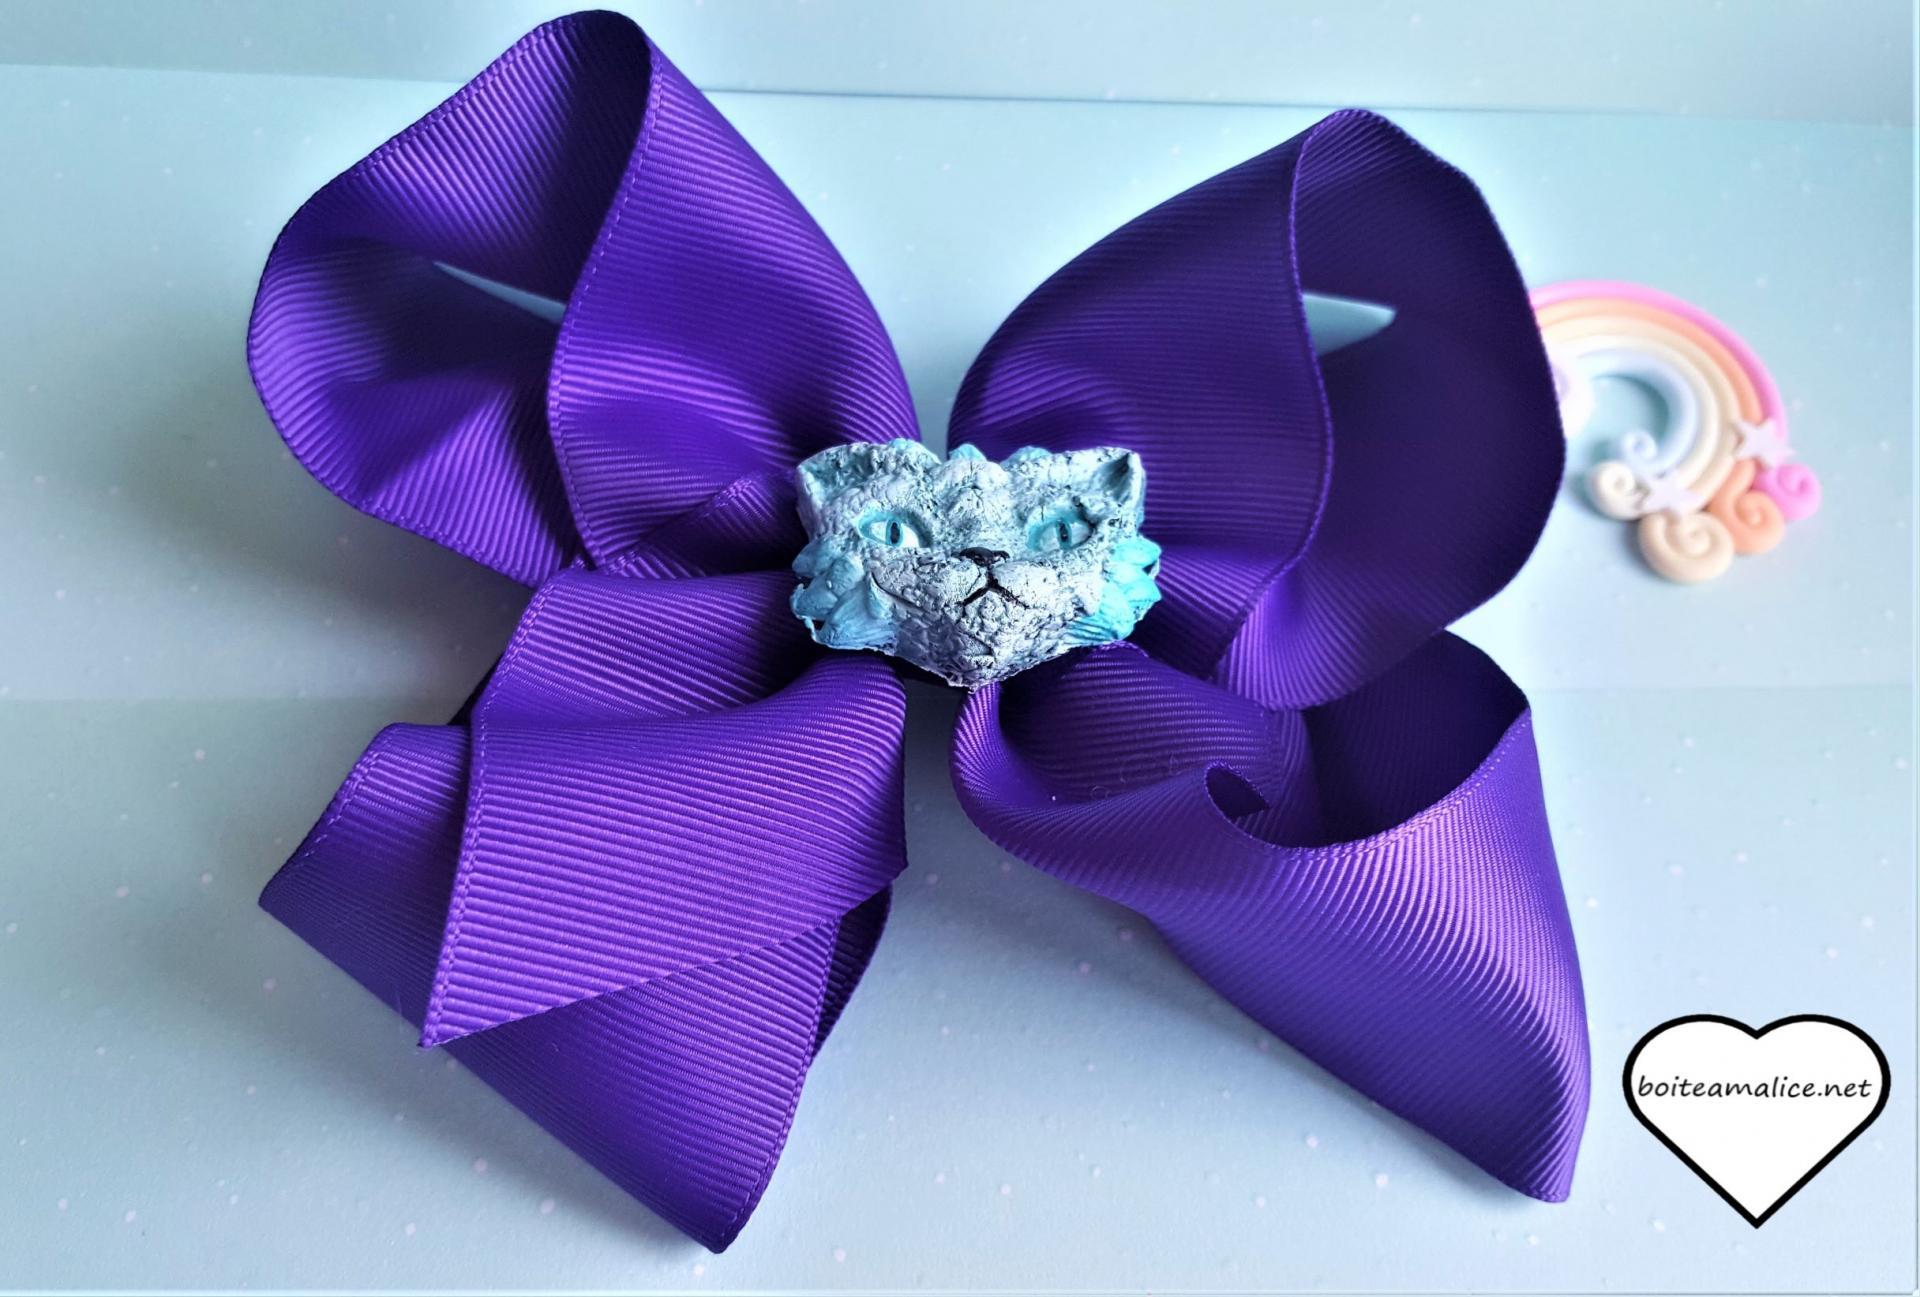 Barrette noeud violet fait main